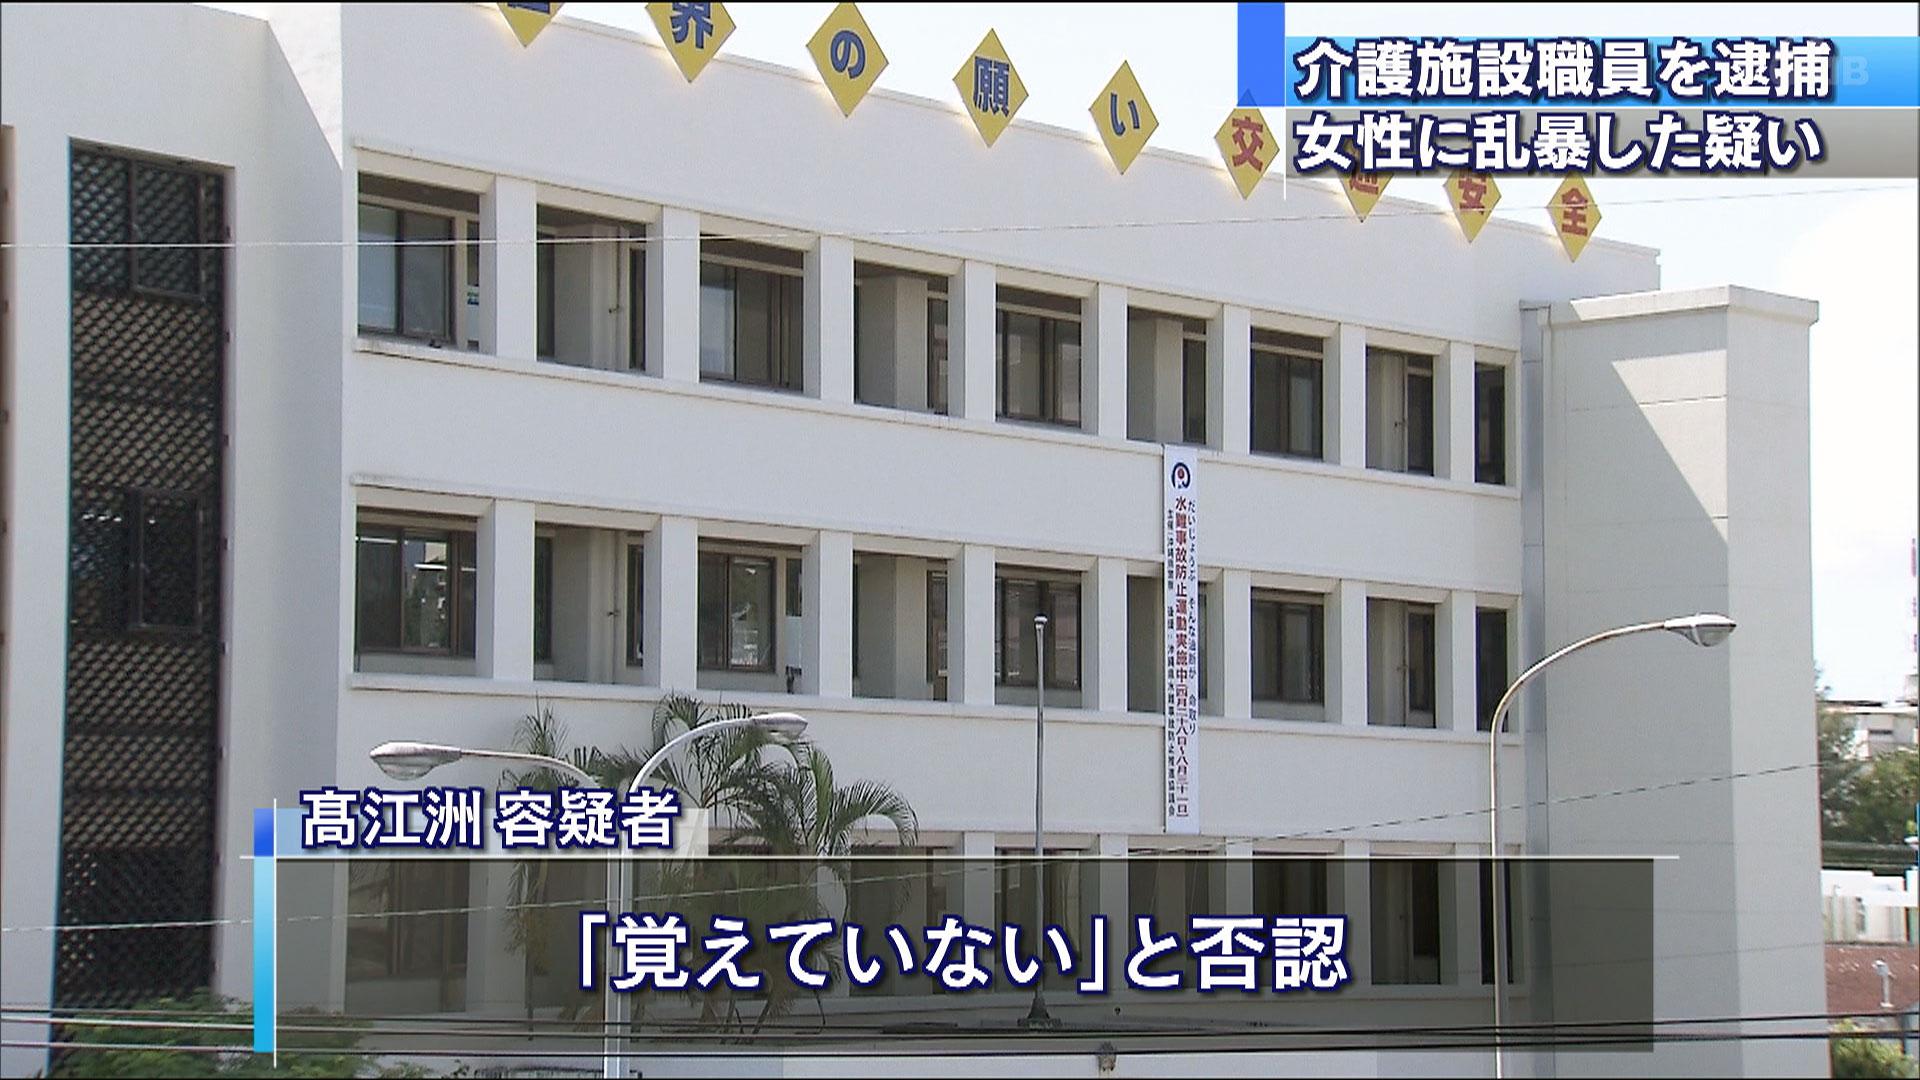 介護施設職員 女性乱暴容疑で逮捕